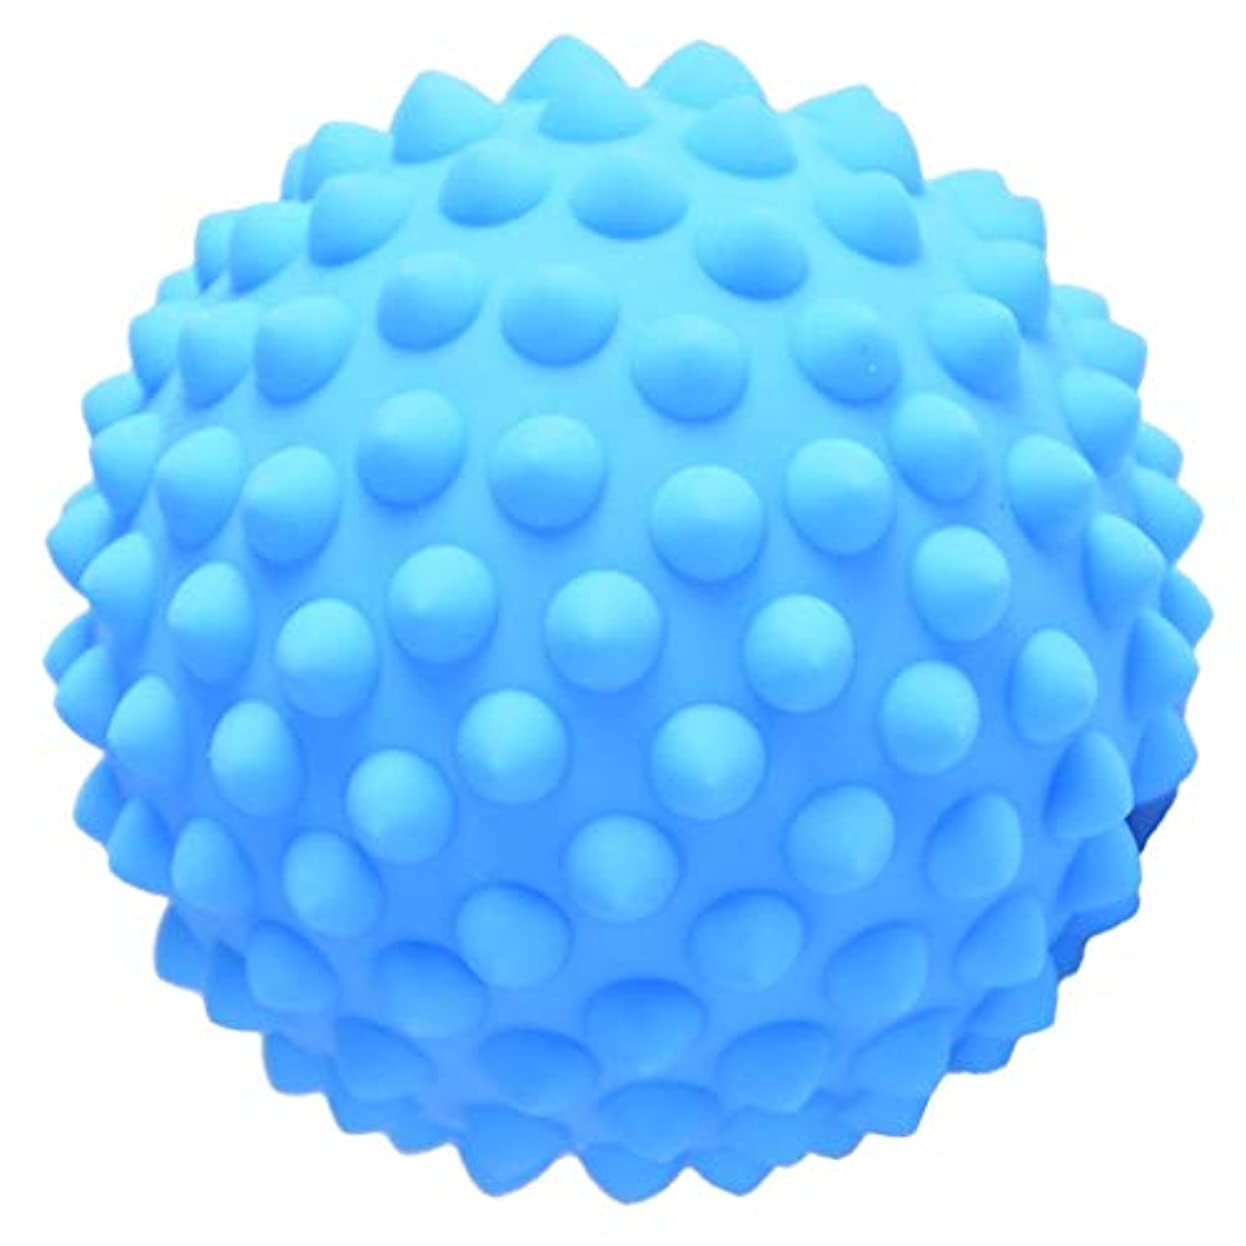 打撃泣き叫ぶ受賞ハードマッサージ マッサージボール ハード トリガーマッサージ ポインマッサージ 3色選べ - 青, 説明のとおり